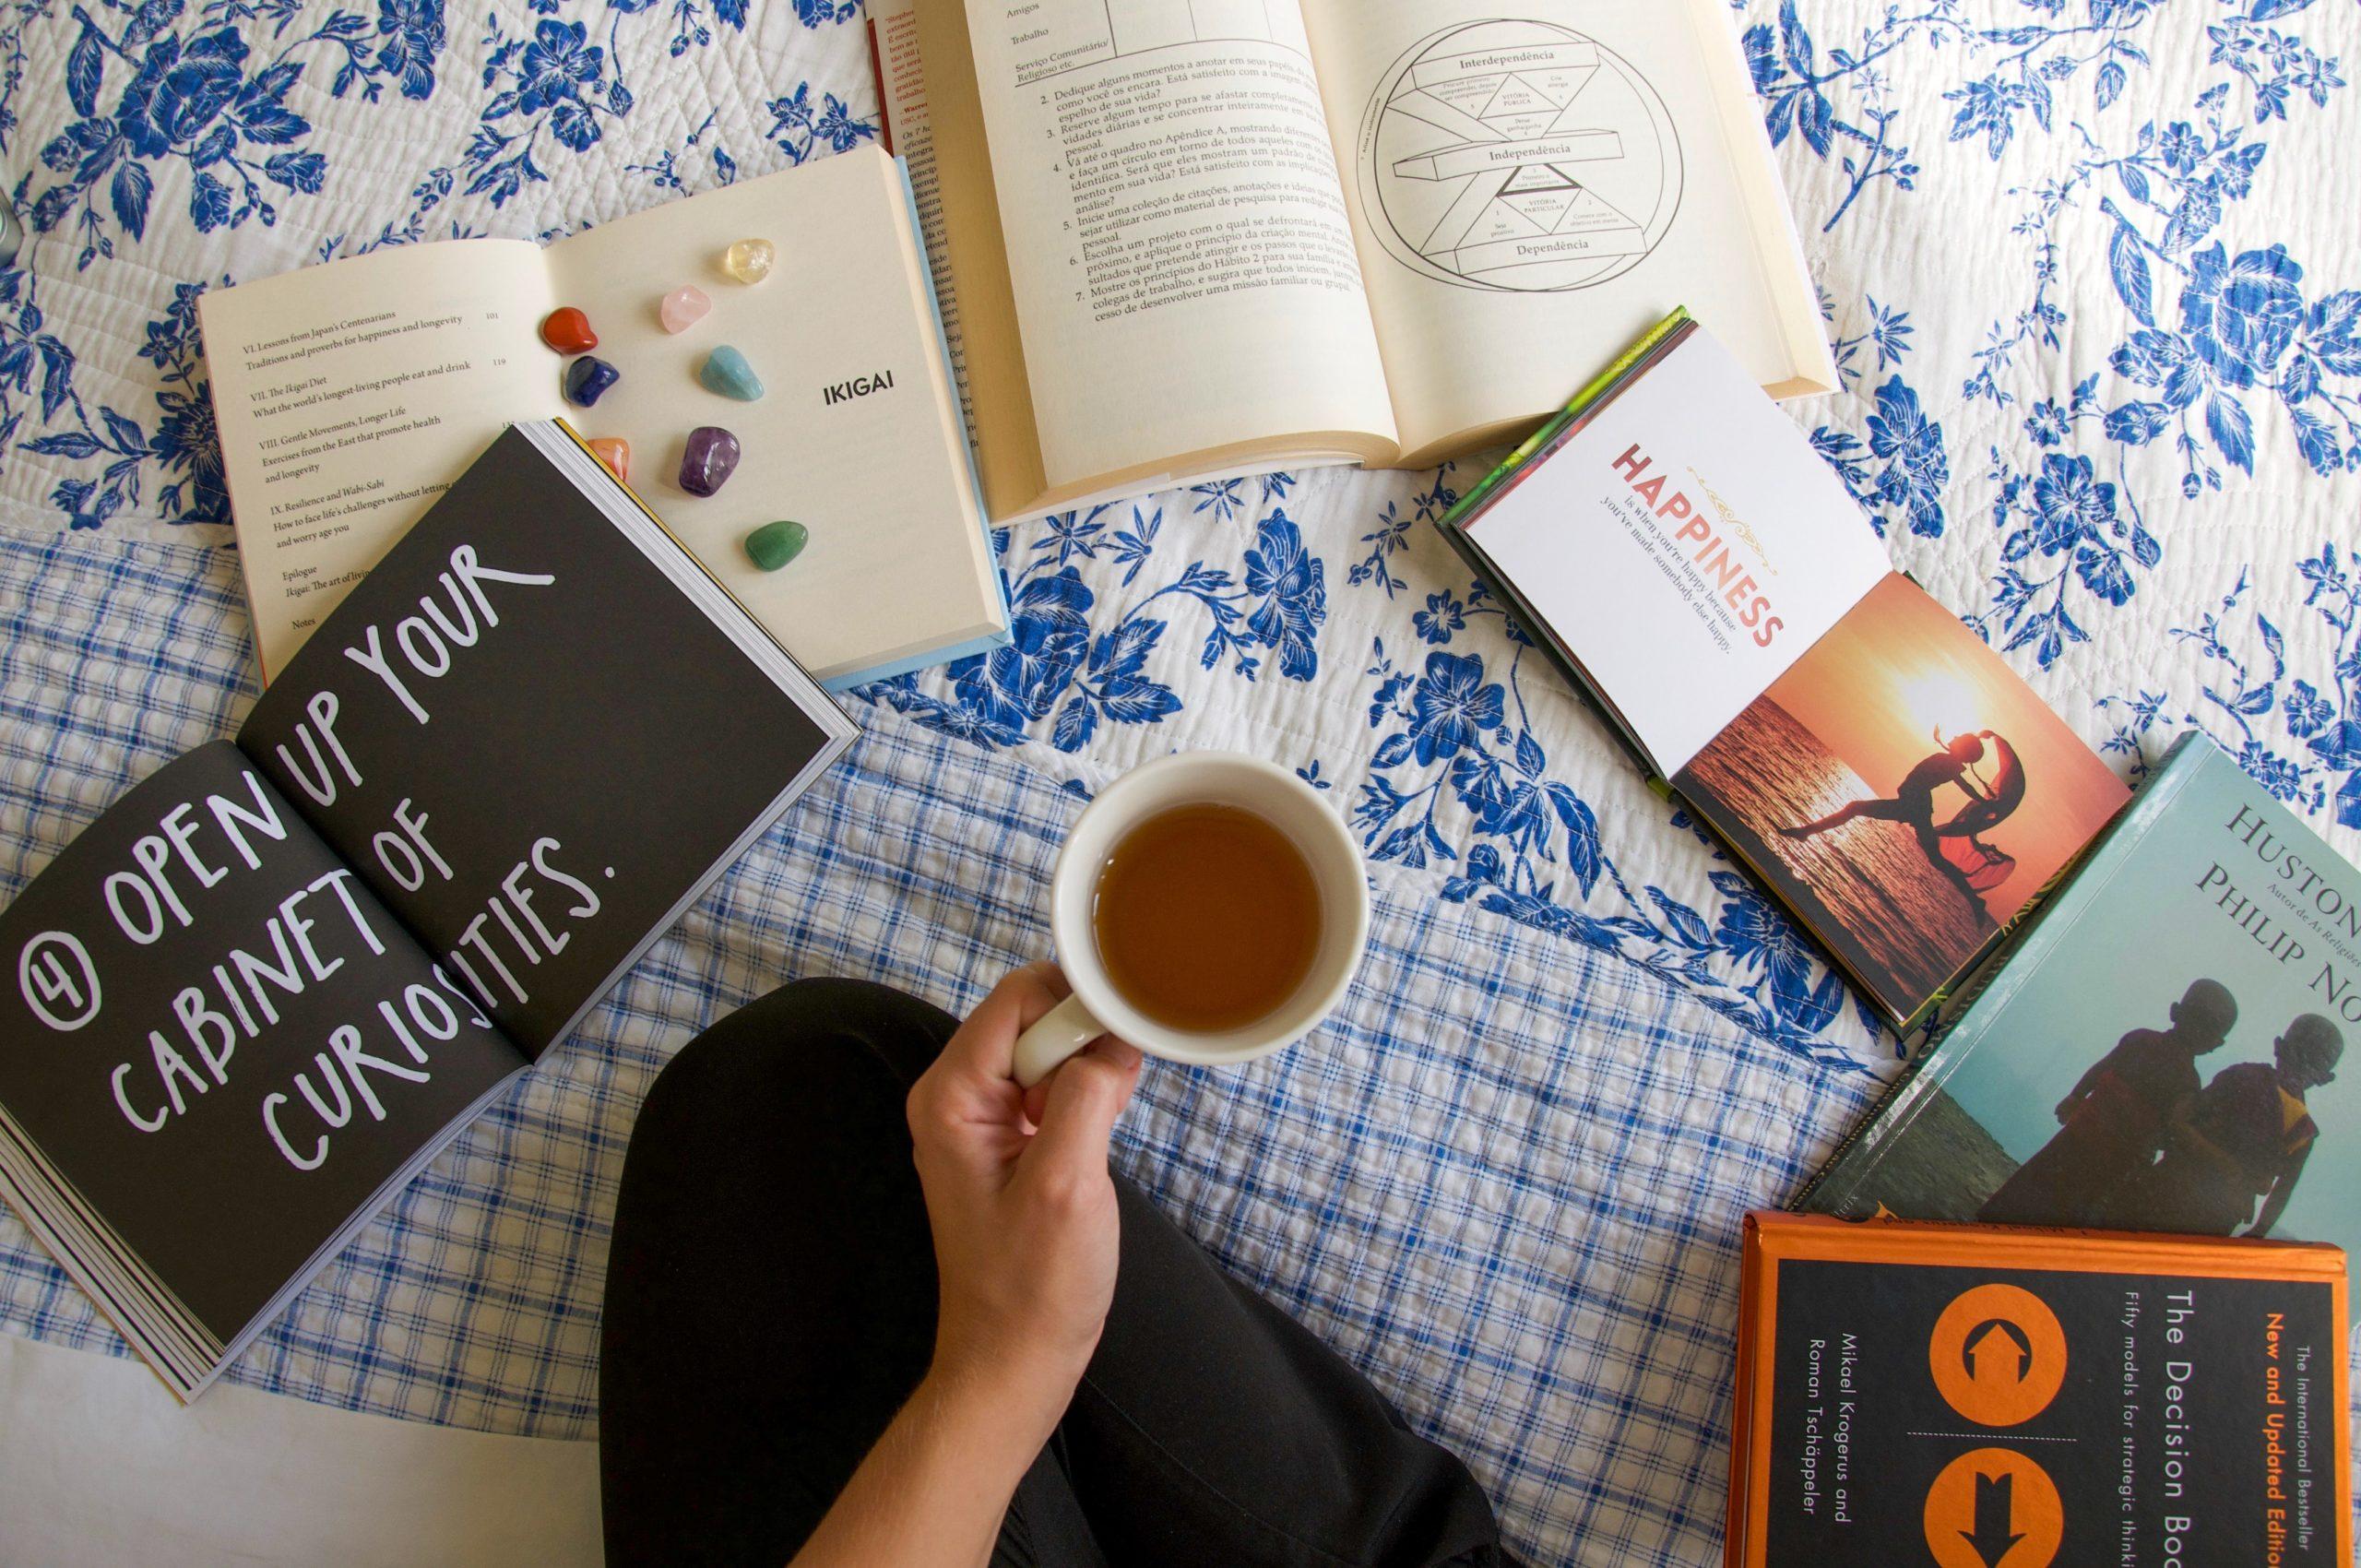 まとめ | 長期投資するうえで必読な本【投資初心者へ】